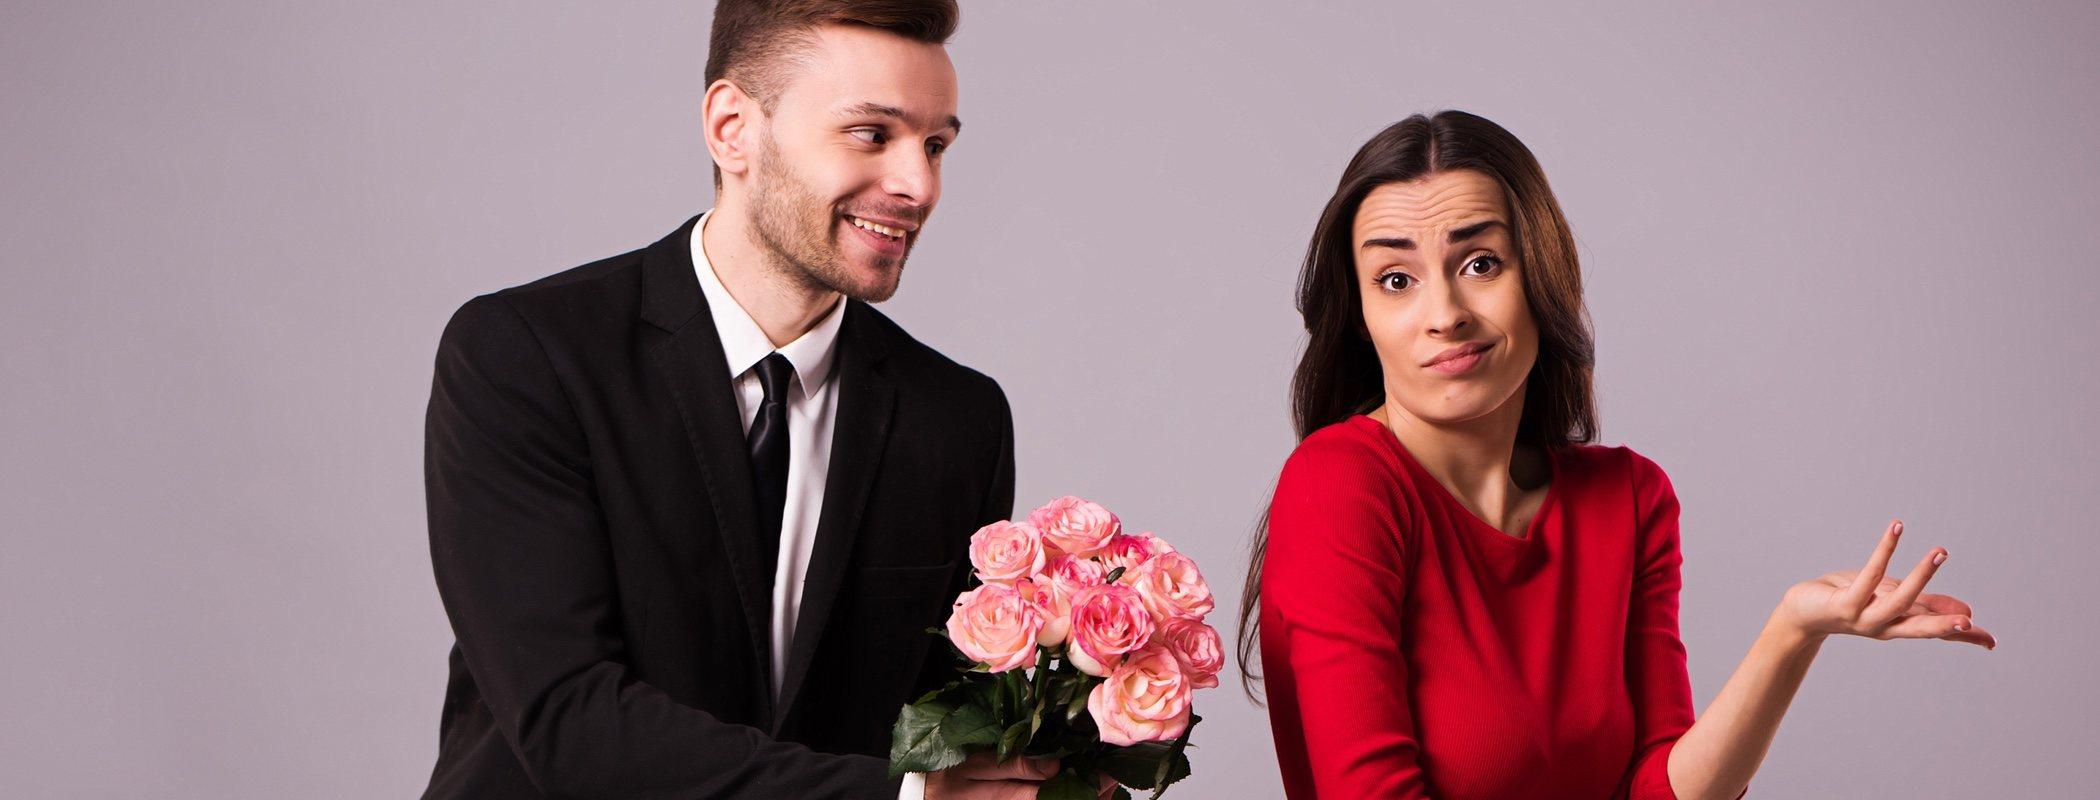 Cómo reconquistar a tu novia